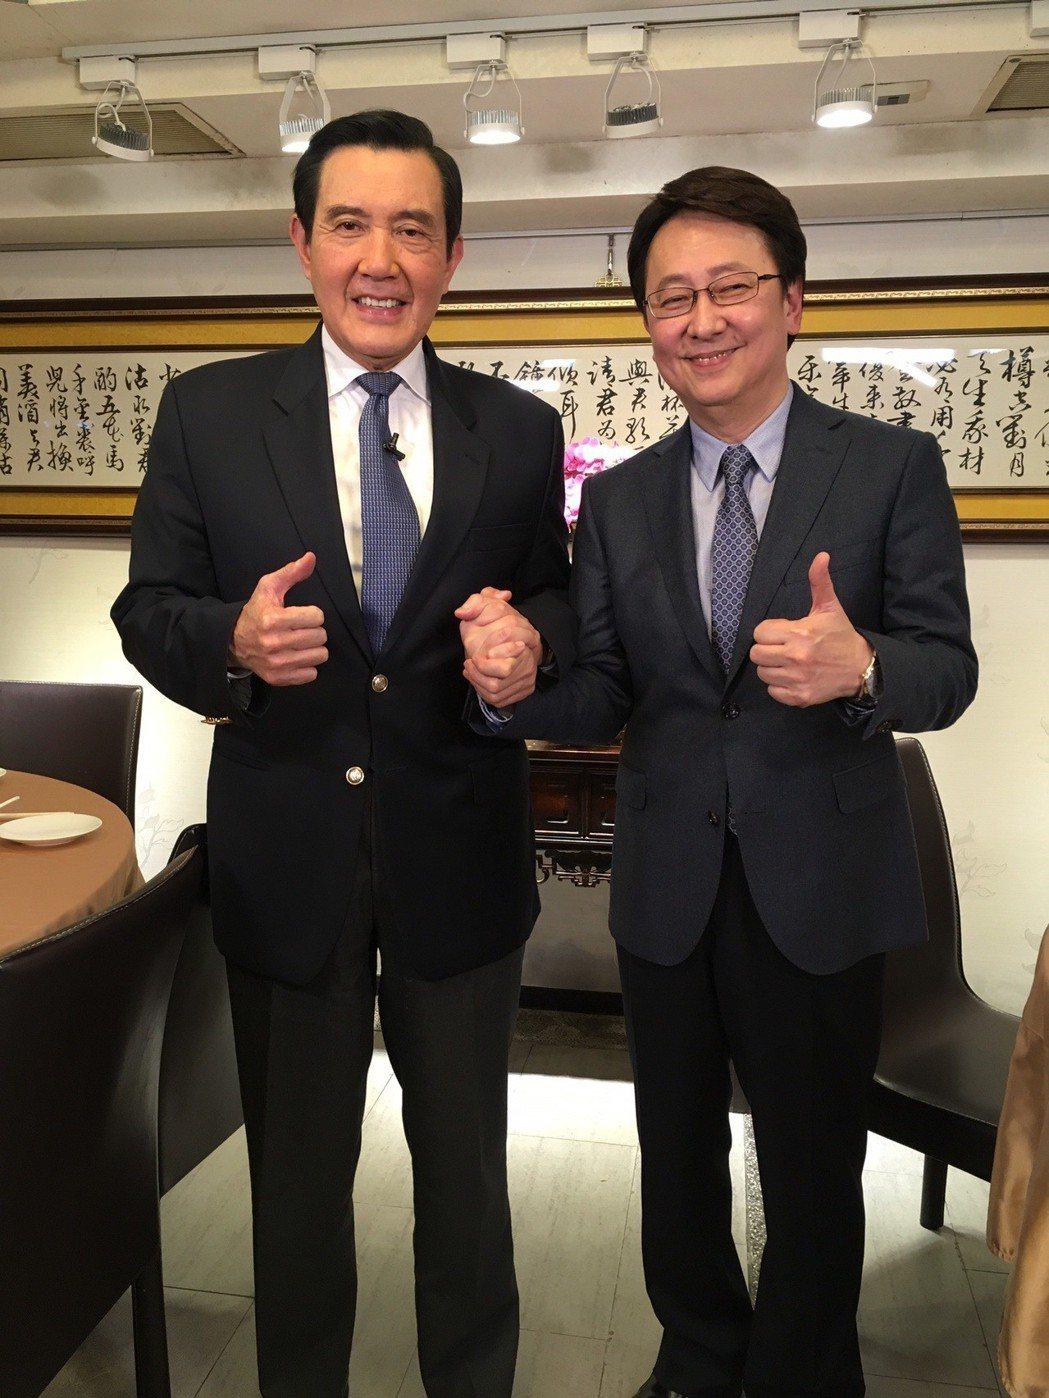 前總統馬英九(左)接受李四端專訪。圖/win tv 提供